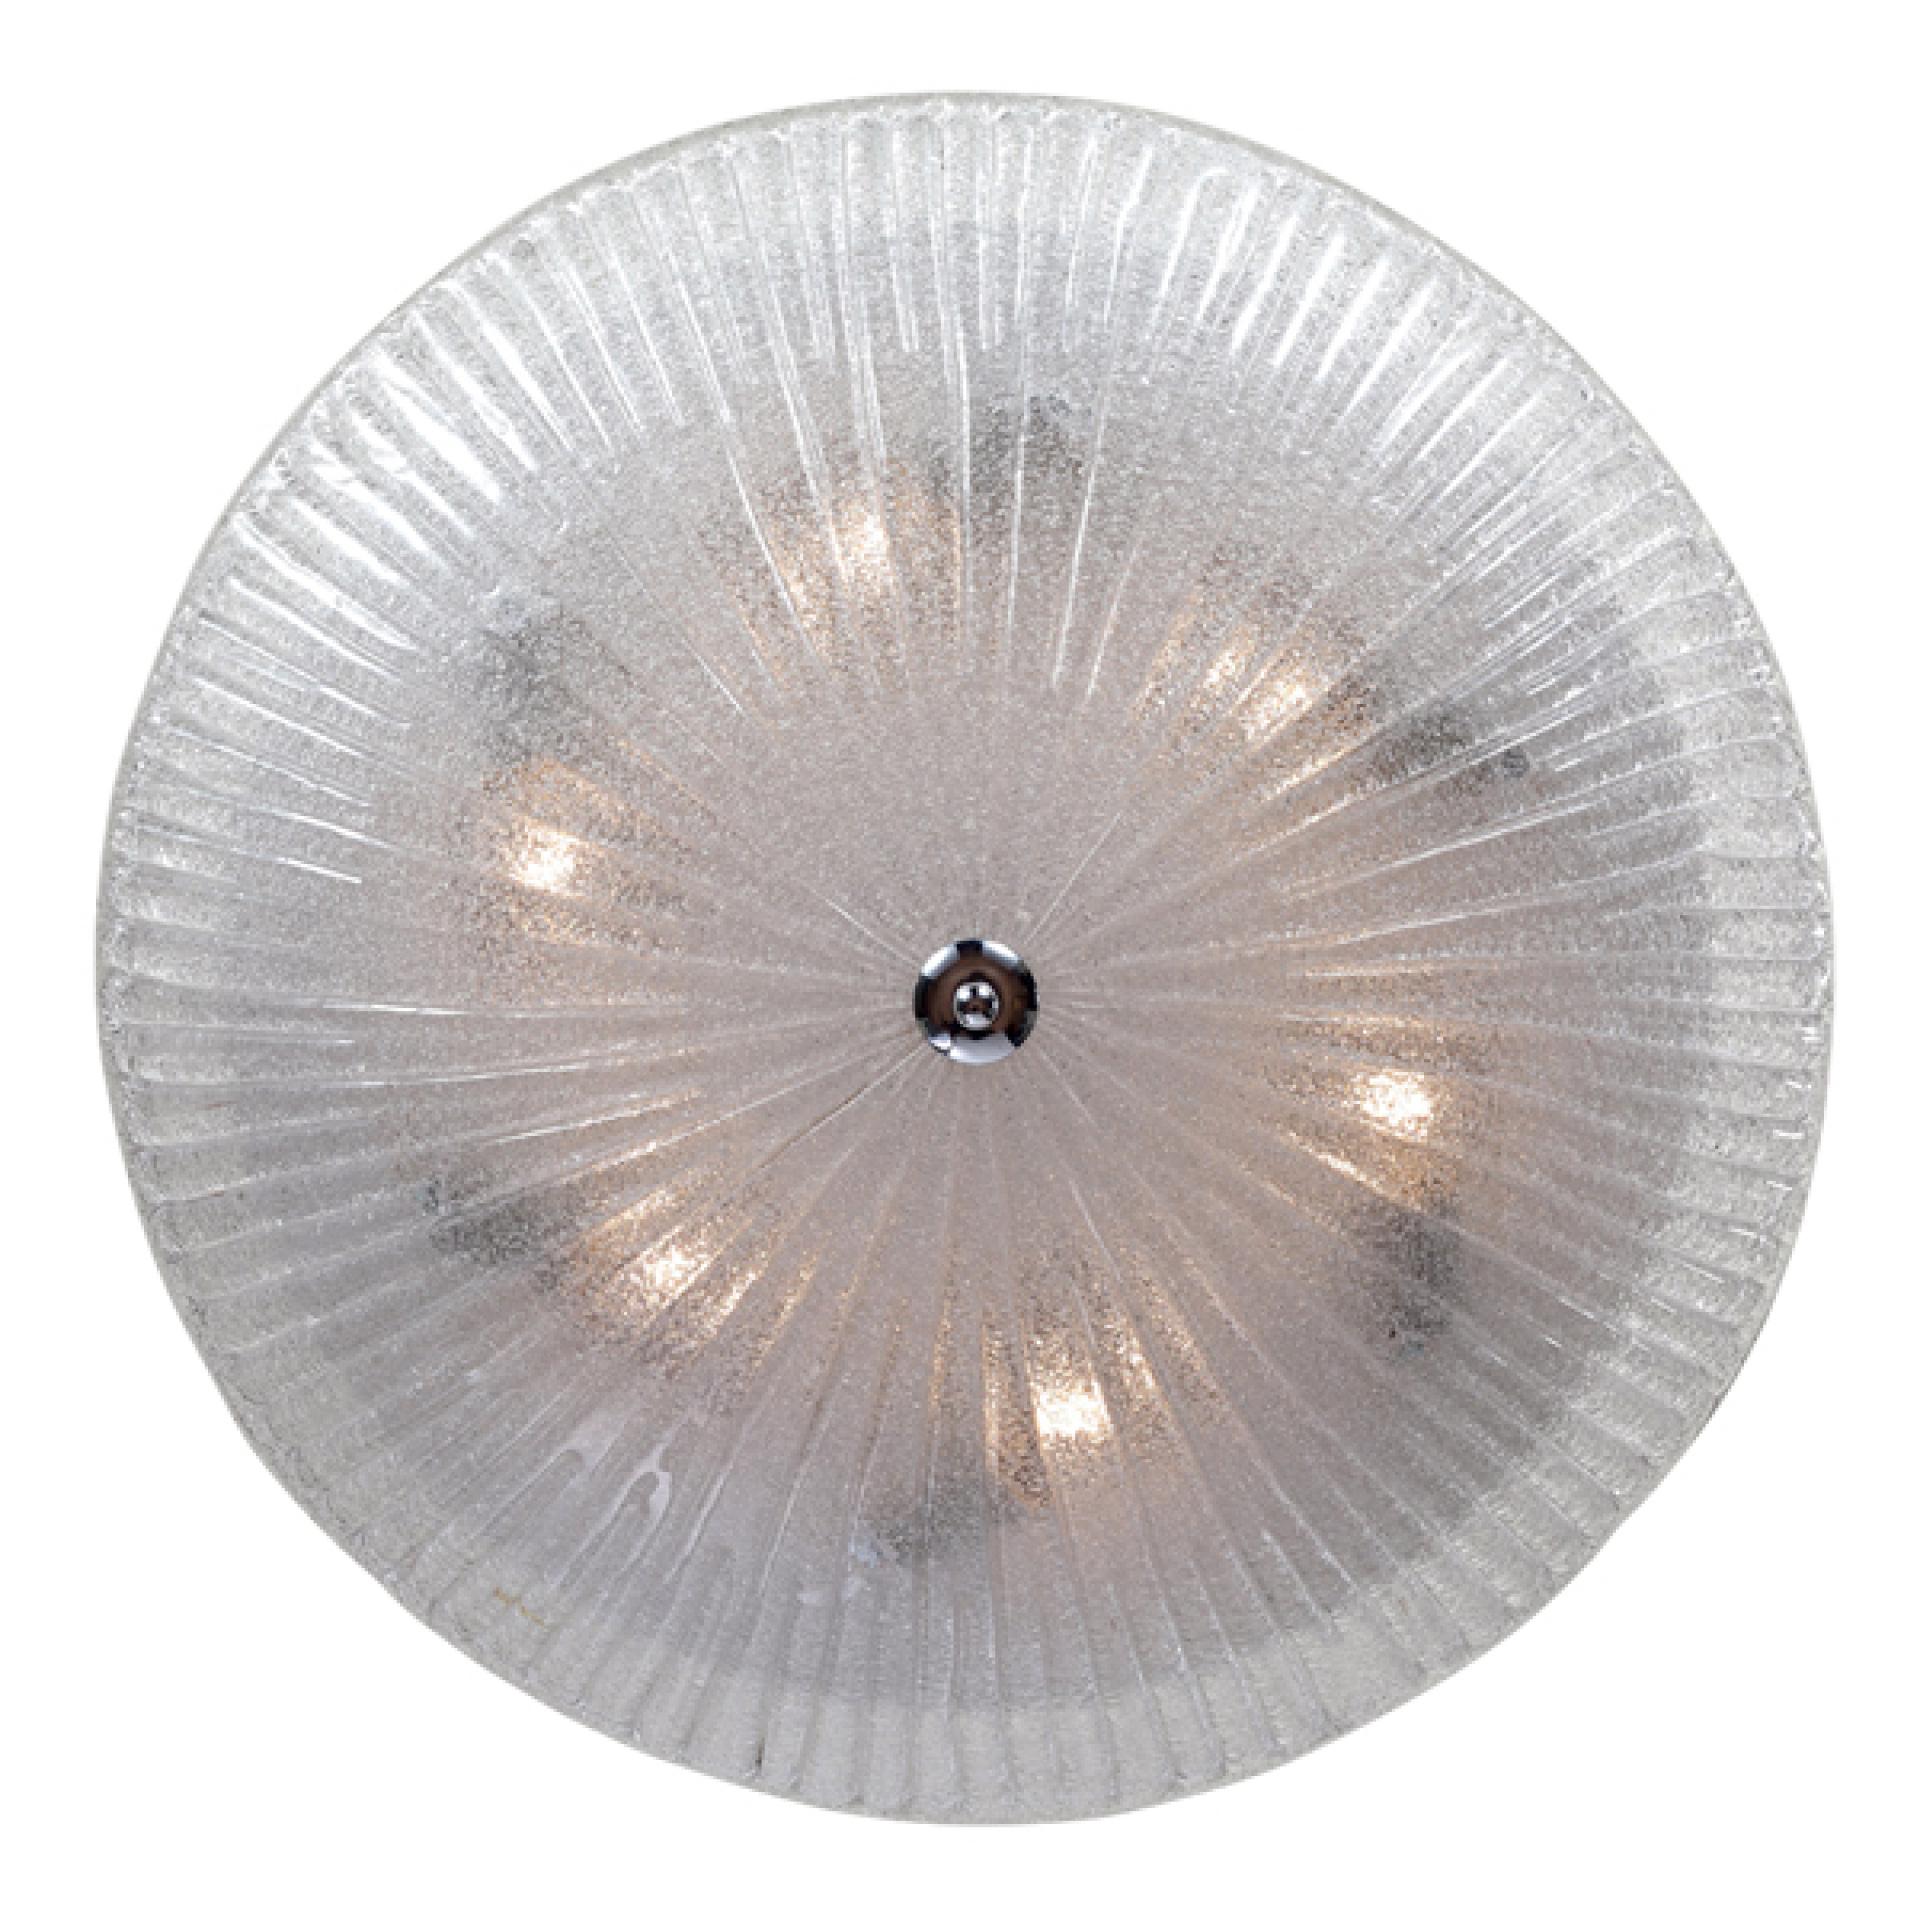 Плафон потолочный Zucche 6х60W E27 белый Lightstar 820860, купить в СПб, Москве, с доставкой, Санкт-Петербург, интернет-магазин люстр и светильников Starlight, фото в жизни